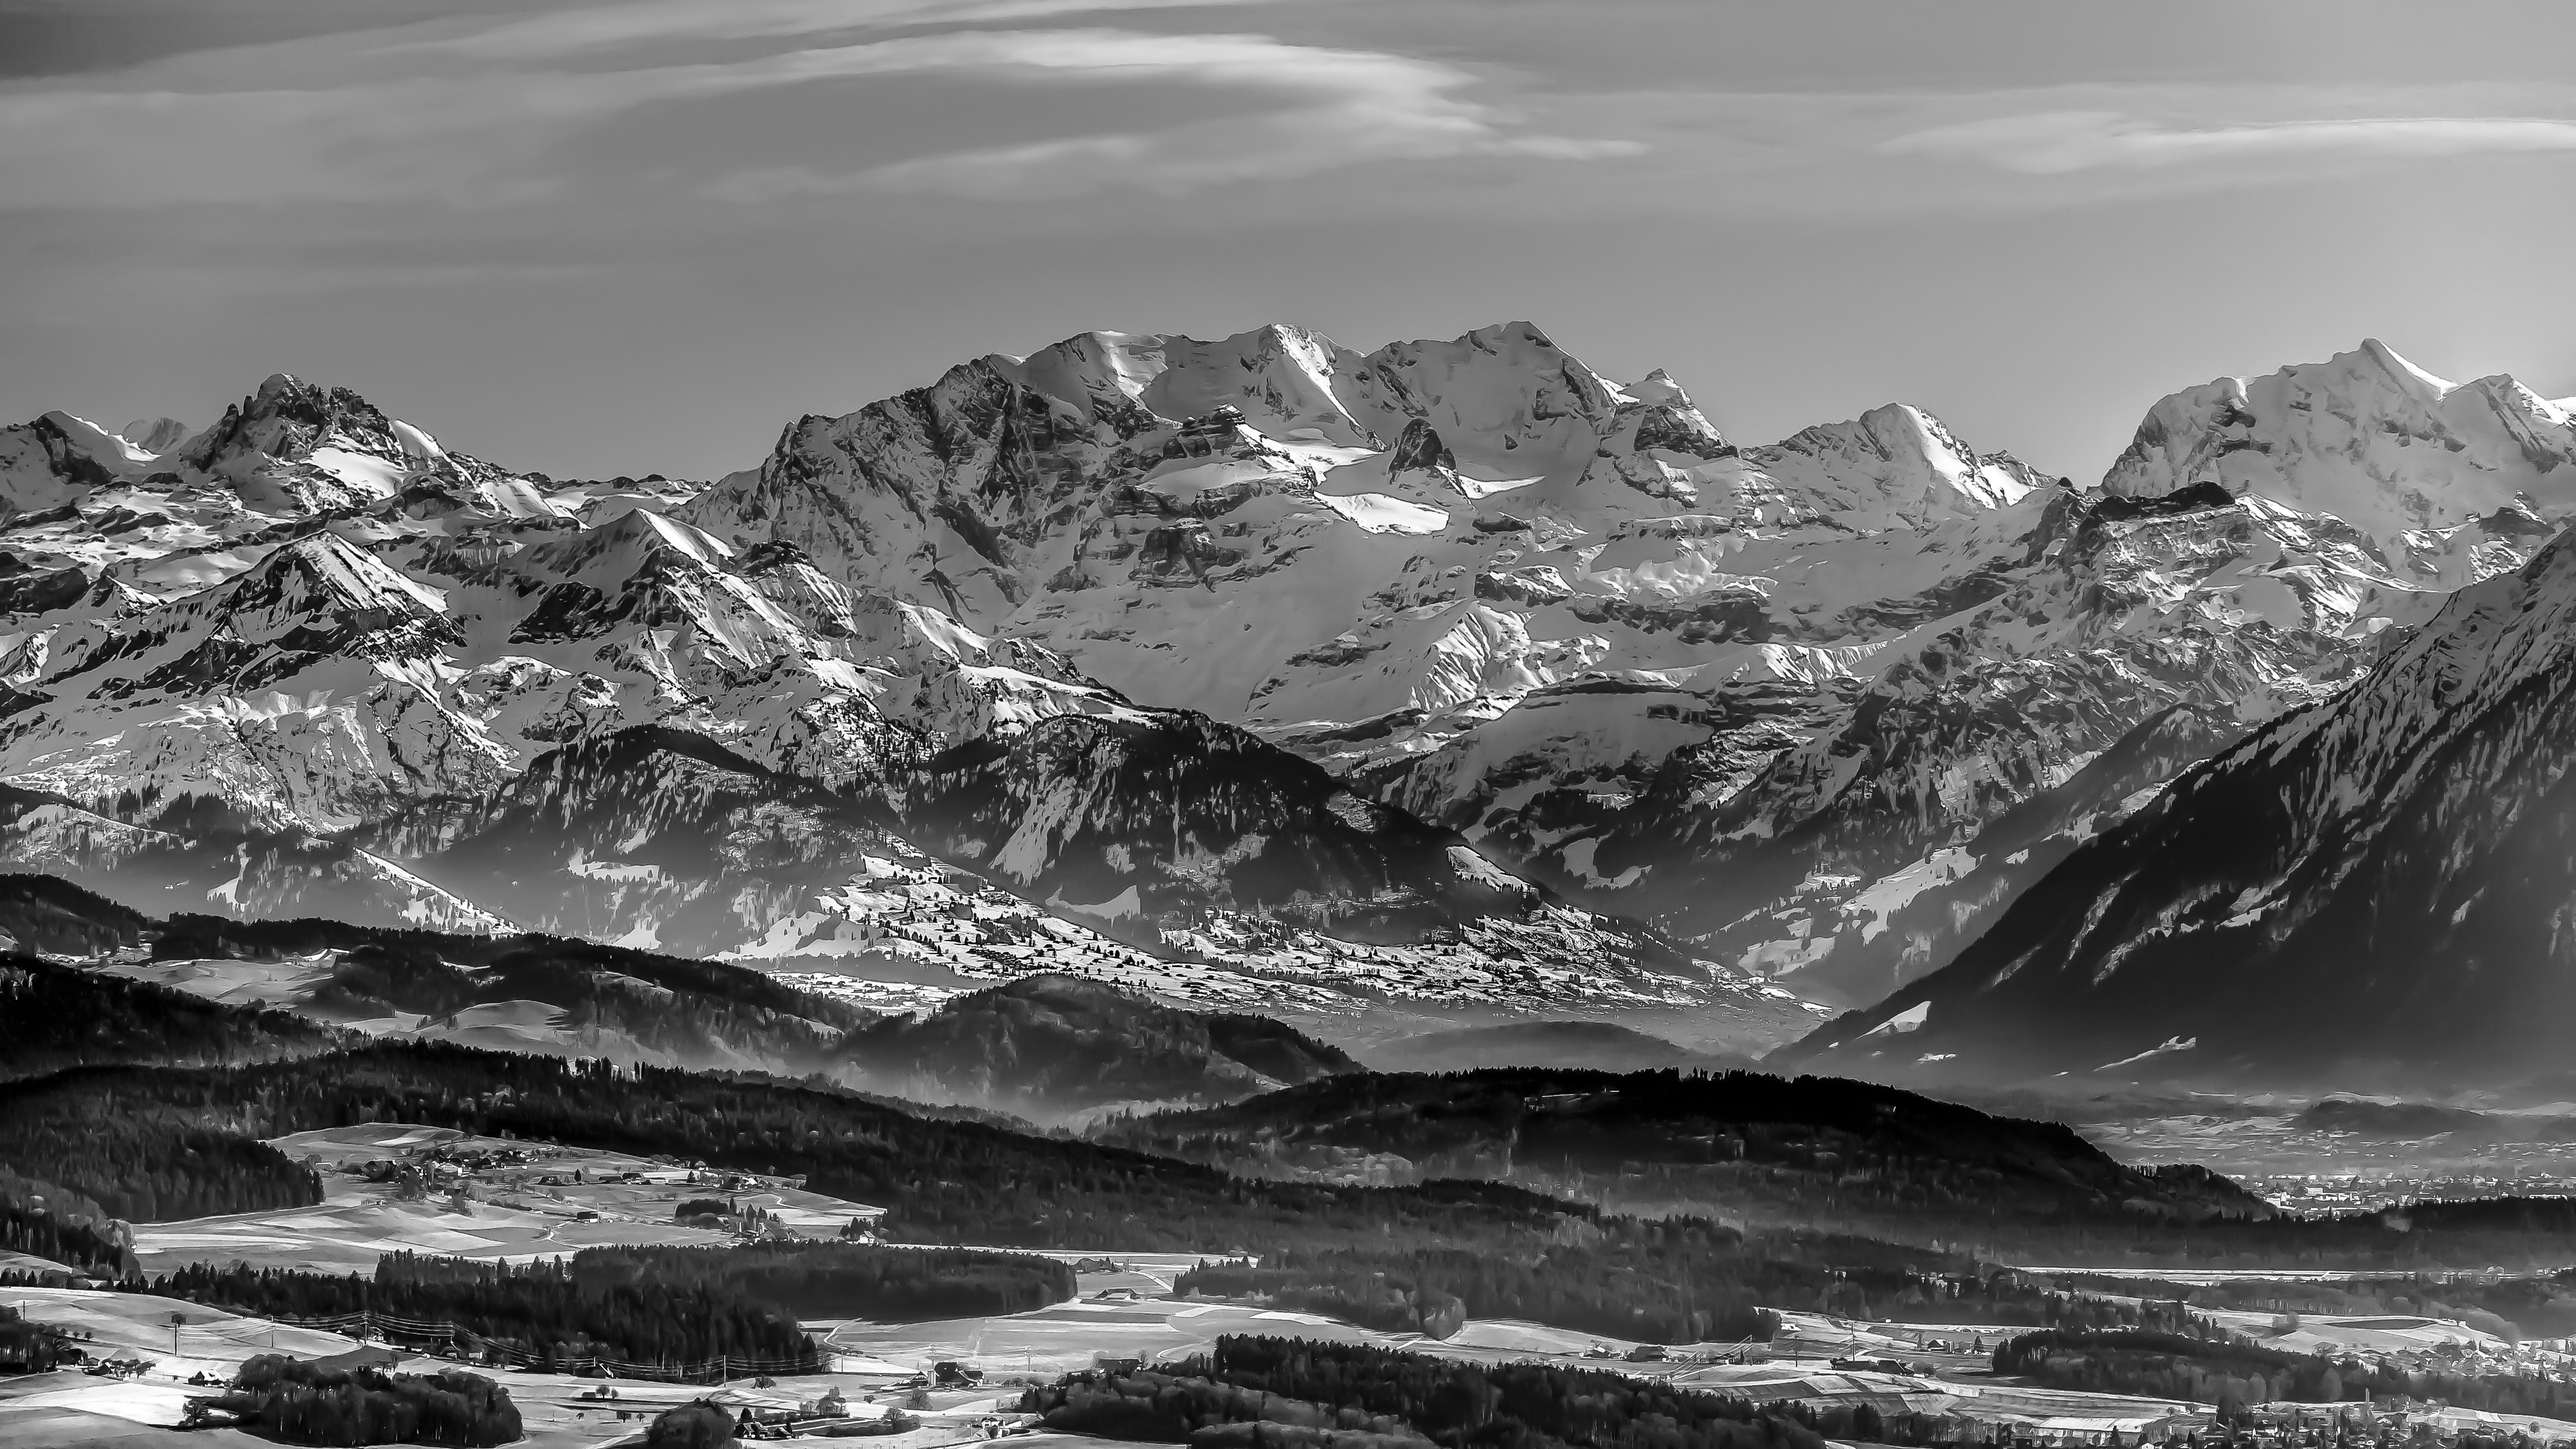 Their Majesty the Swiss Alps